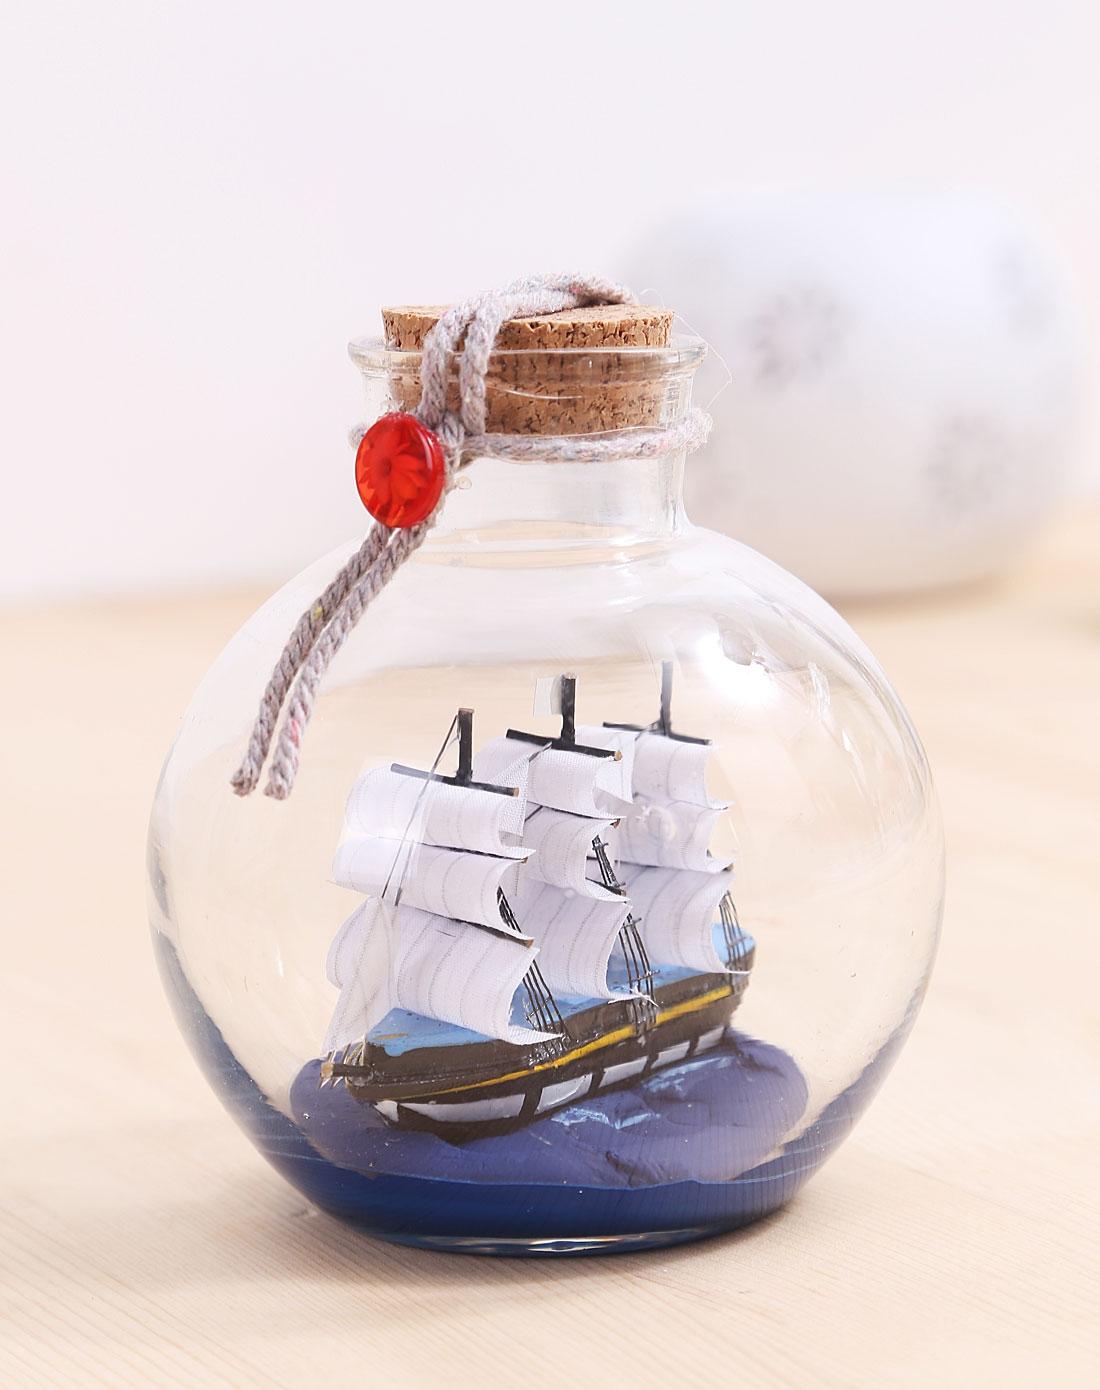 瓶中船玻璃瓶